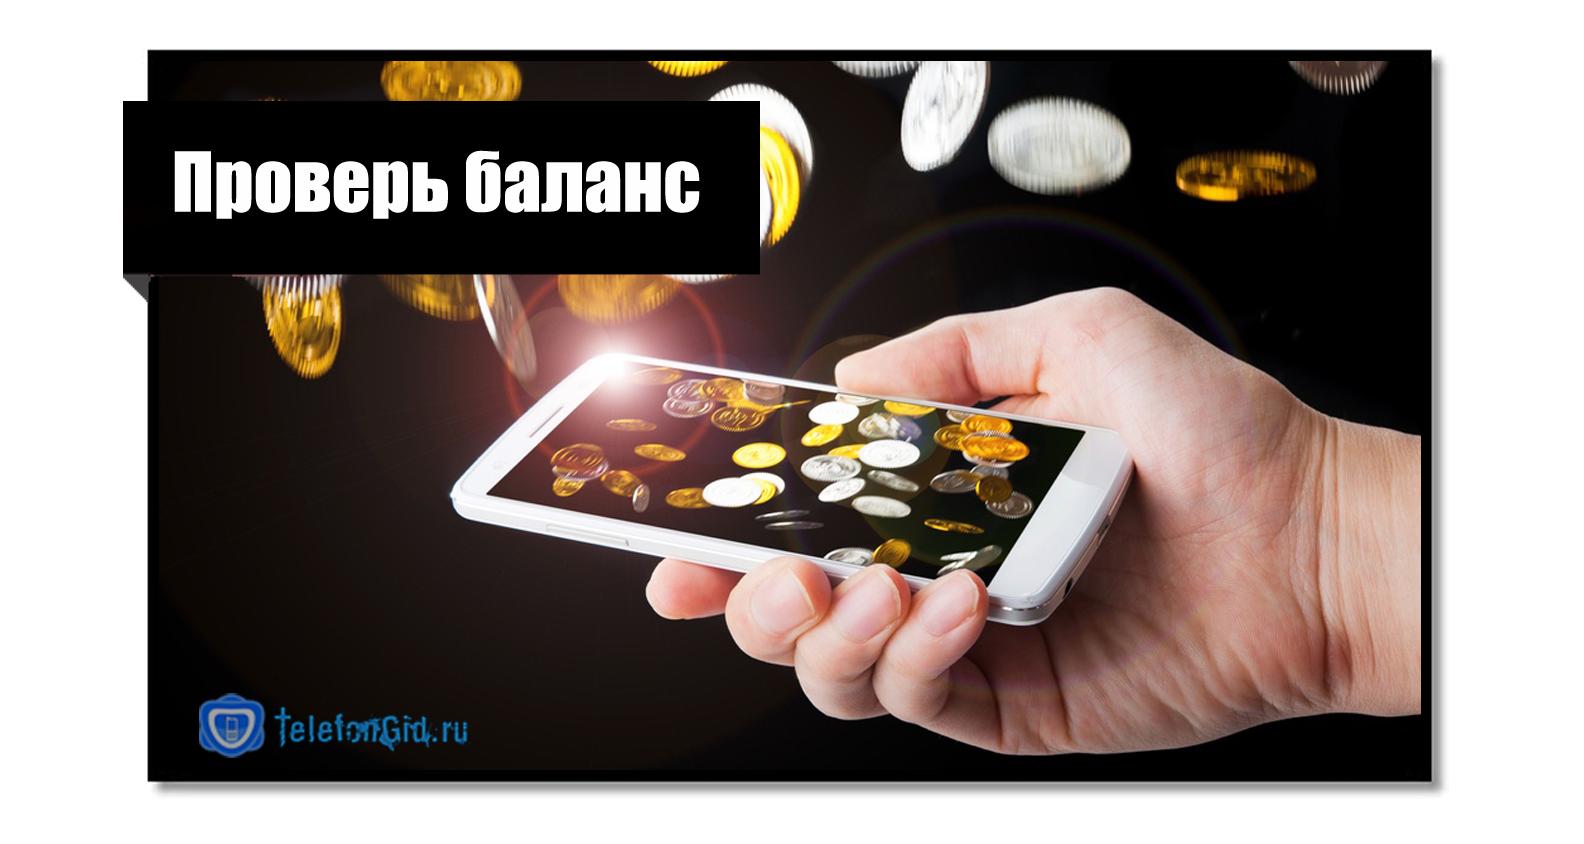 Как взять в долг на теле2 50 рублей на телефон если уже минус